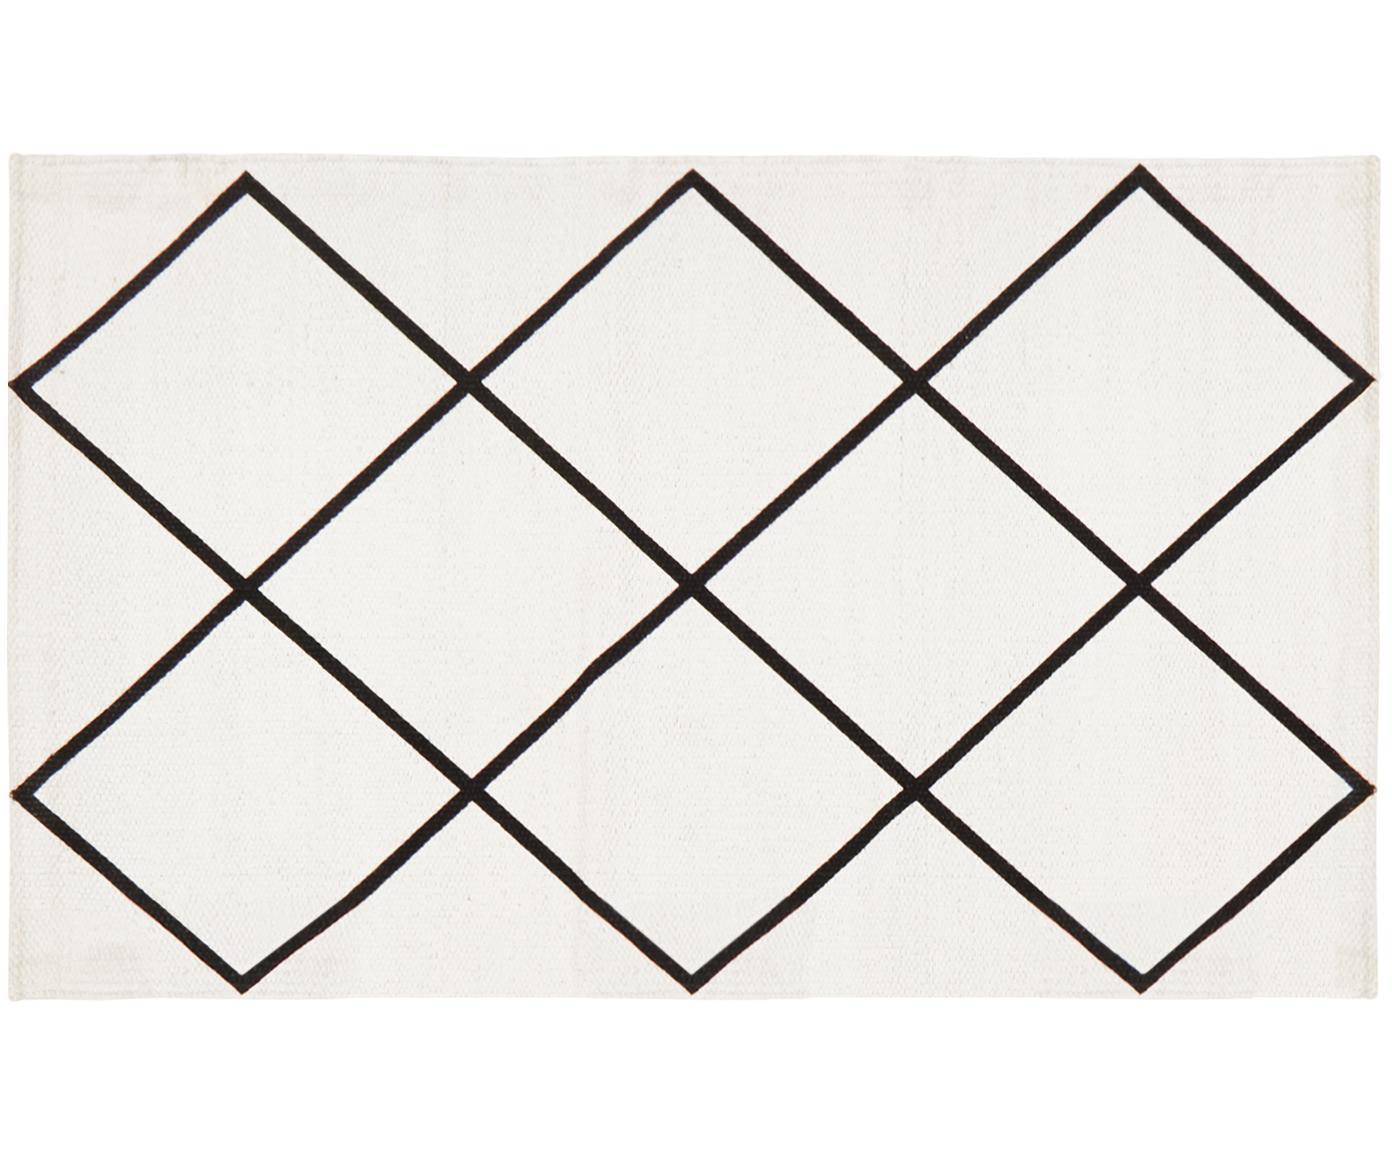 Flachgewebter Baumwollteppich Farah mit Rautenmuster, 100% Baumwolle, Cremeweiß, Schwarz, B 50 x L 80 cm (Größe XXS)